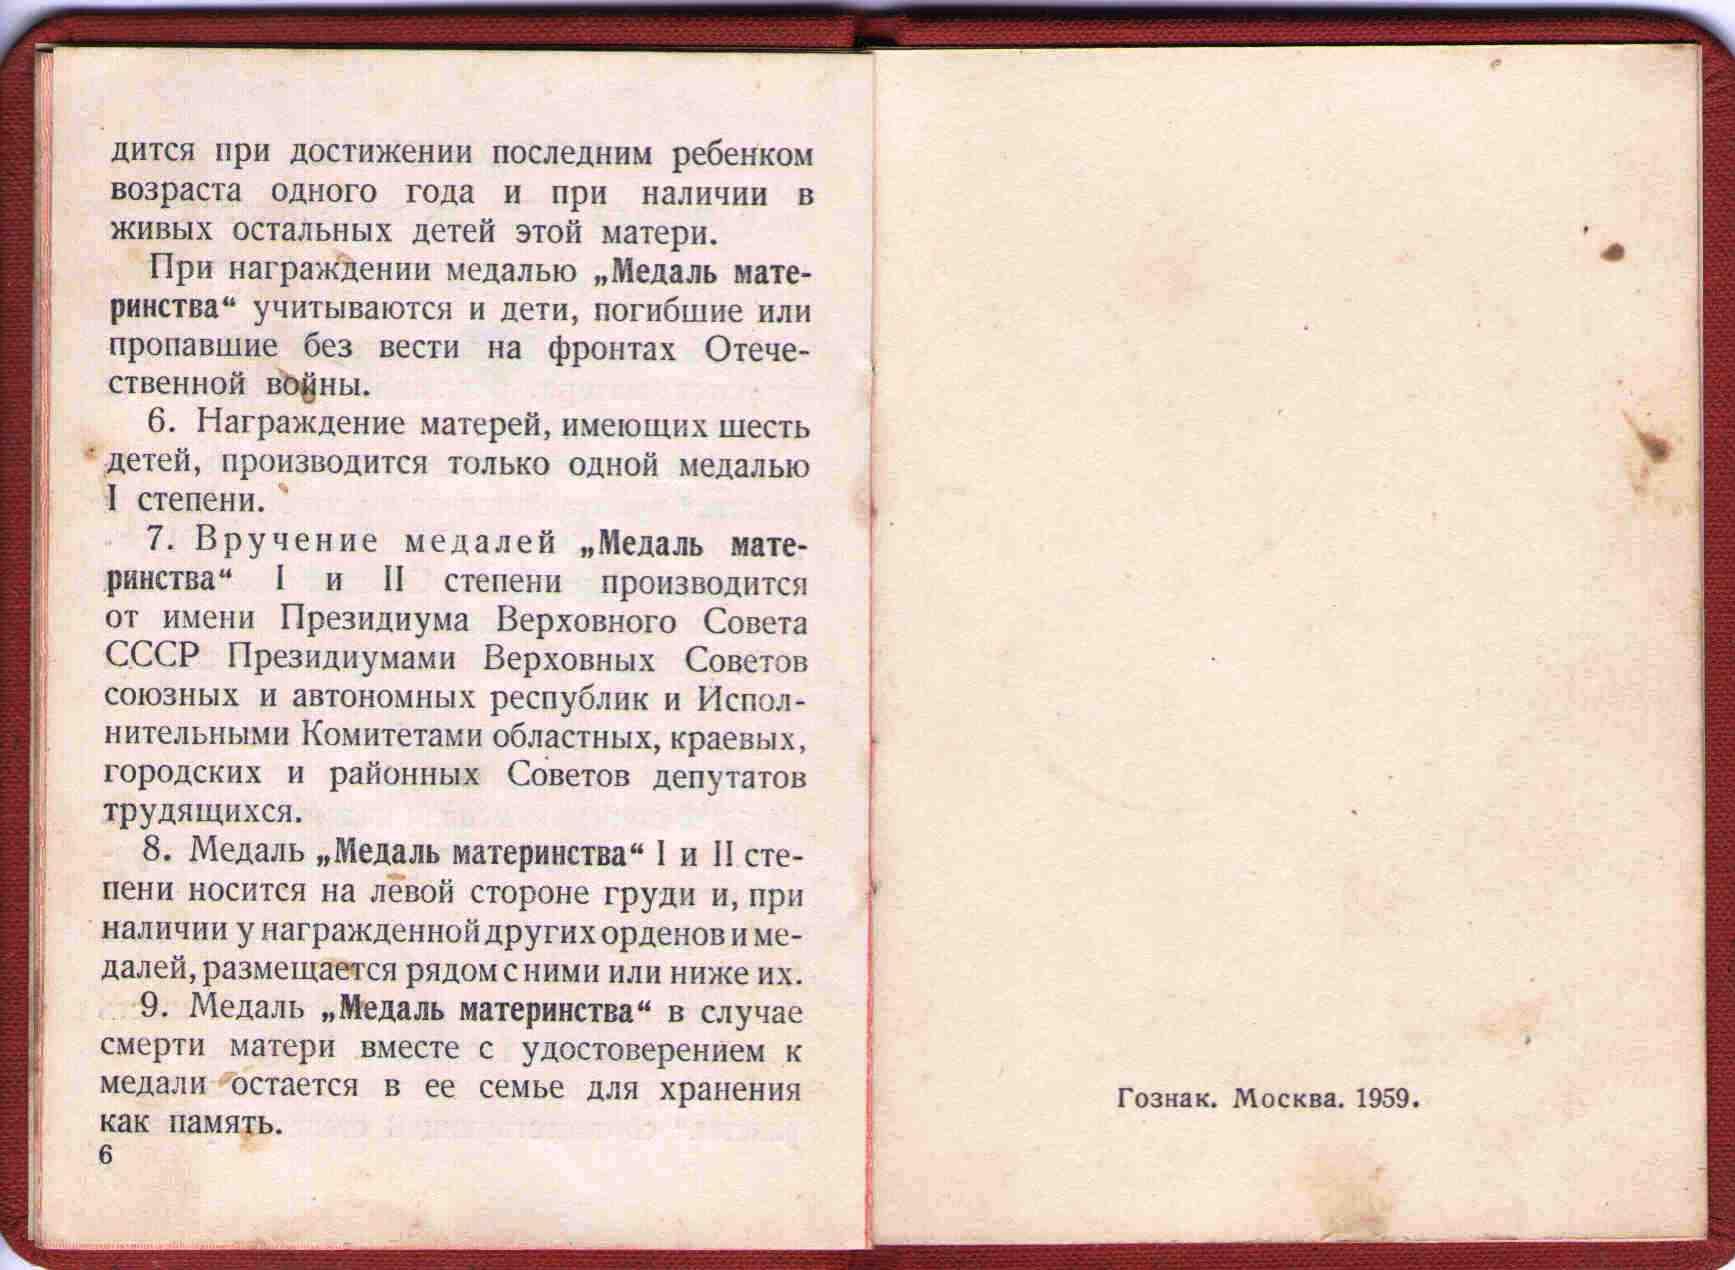 18. Удостоверение к Медали Материнства, 1960